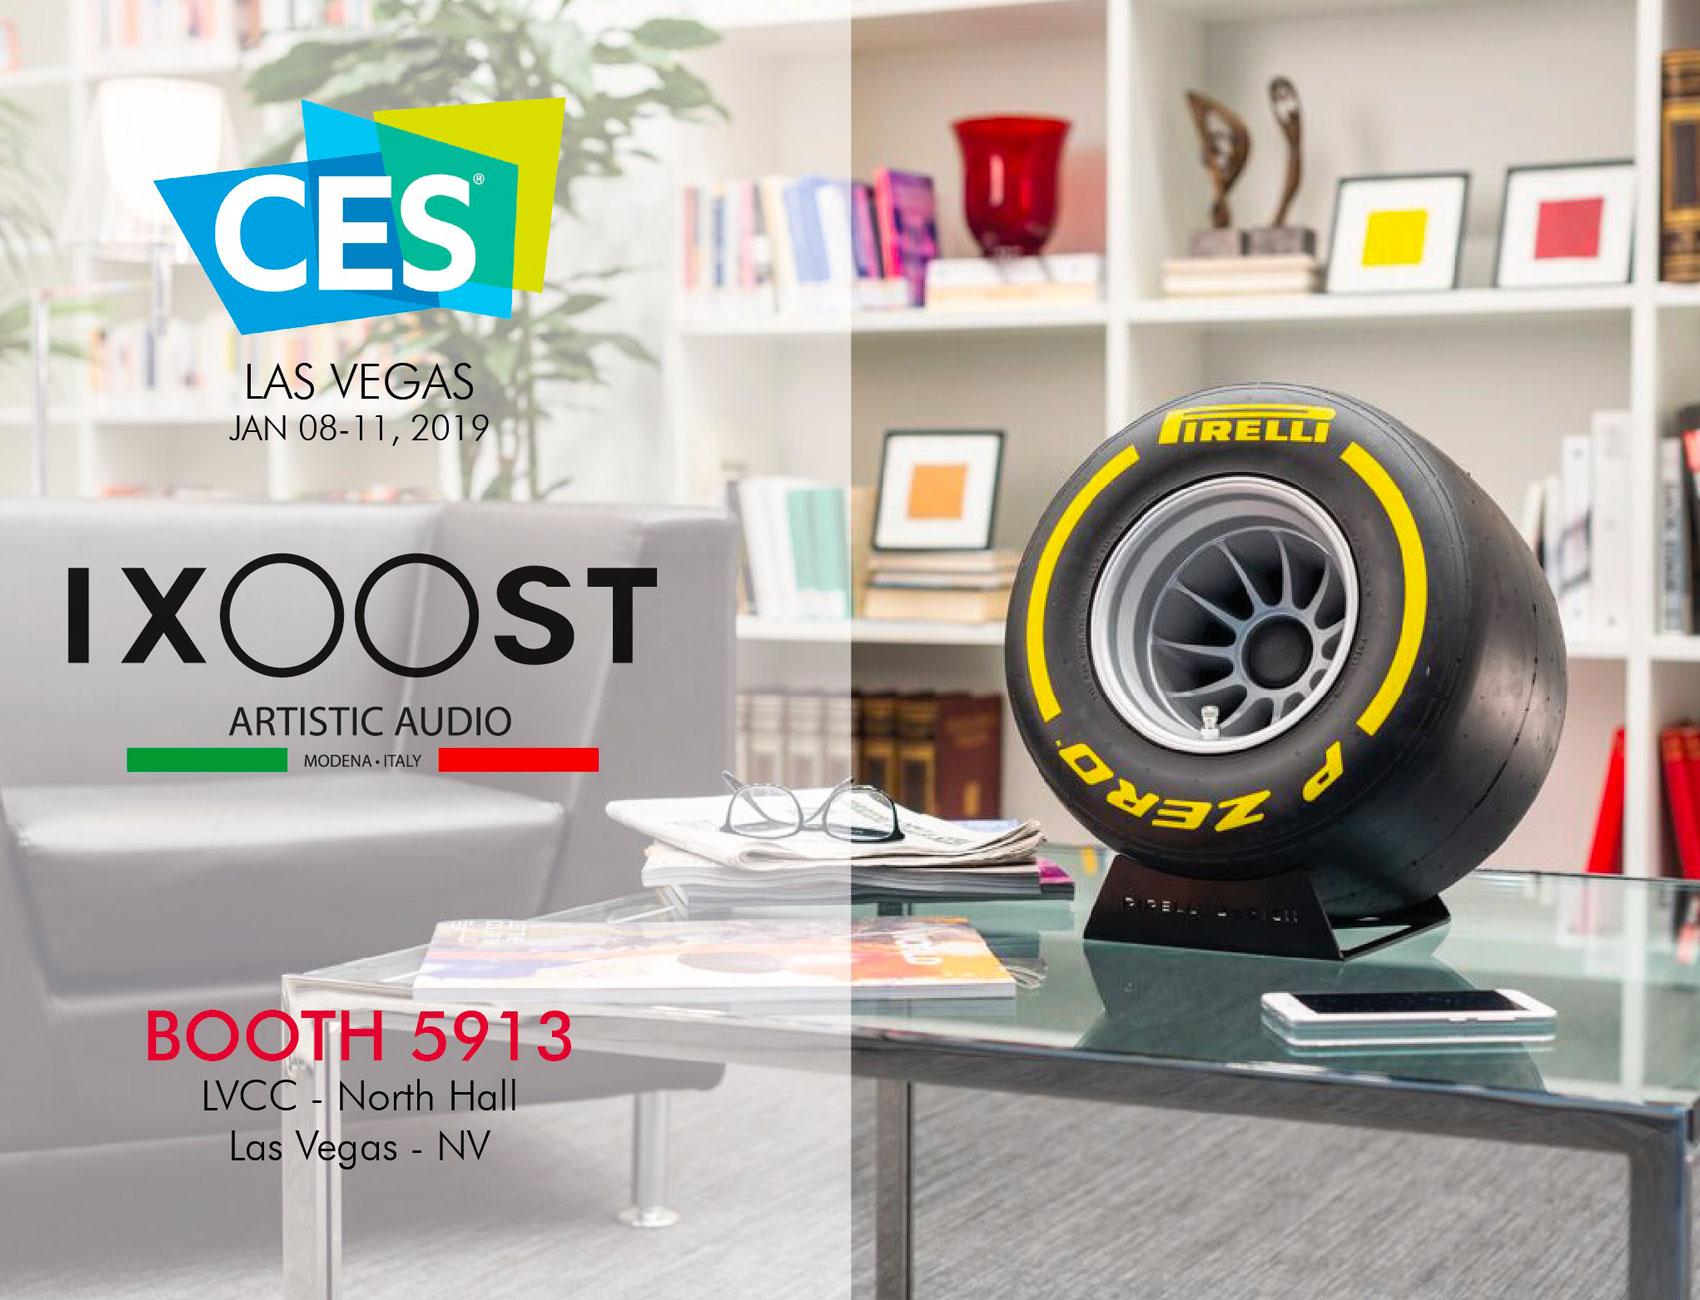 iXOOST impianti stereo di design al CES di Las Vegas